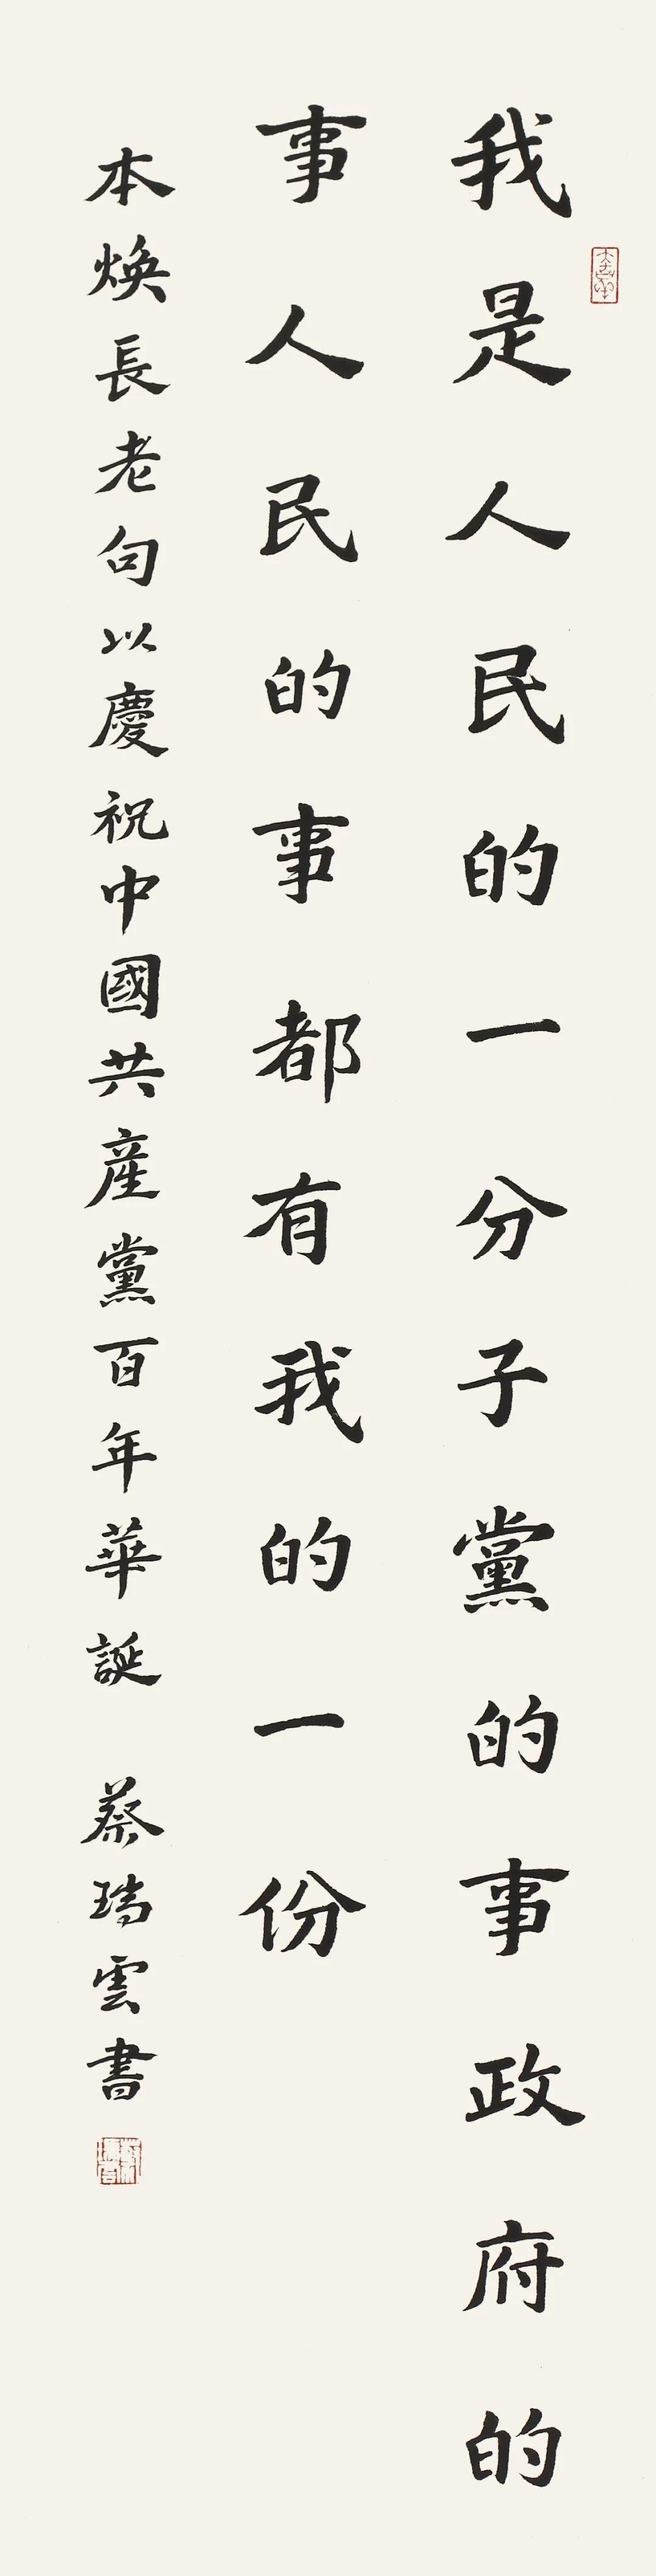 中国书法家协会会员、广东省女书法家协会主席、广州市书法家协会顾问、广州羊城书法研究会顾问蔡瑞云